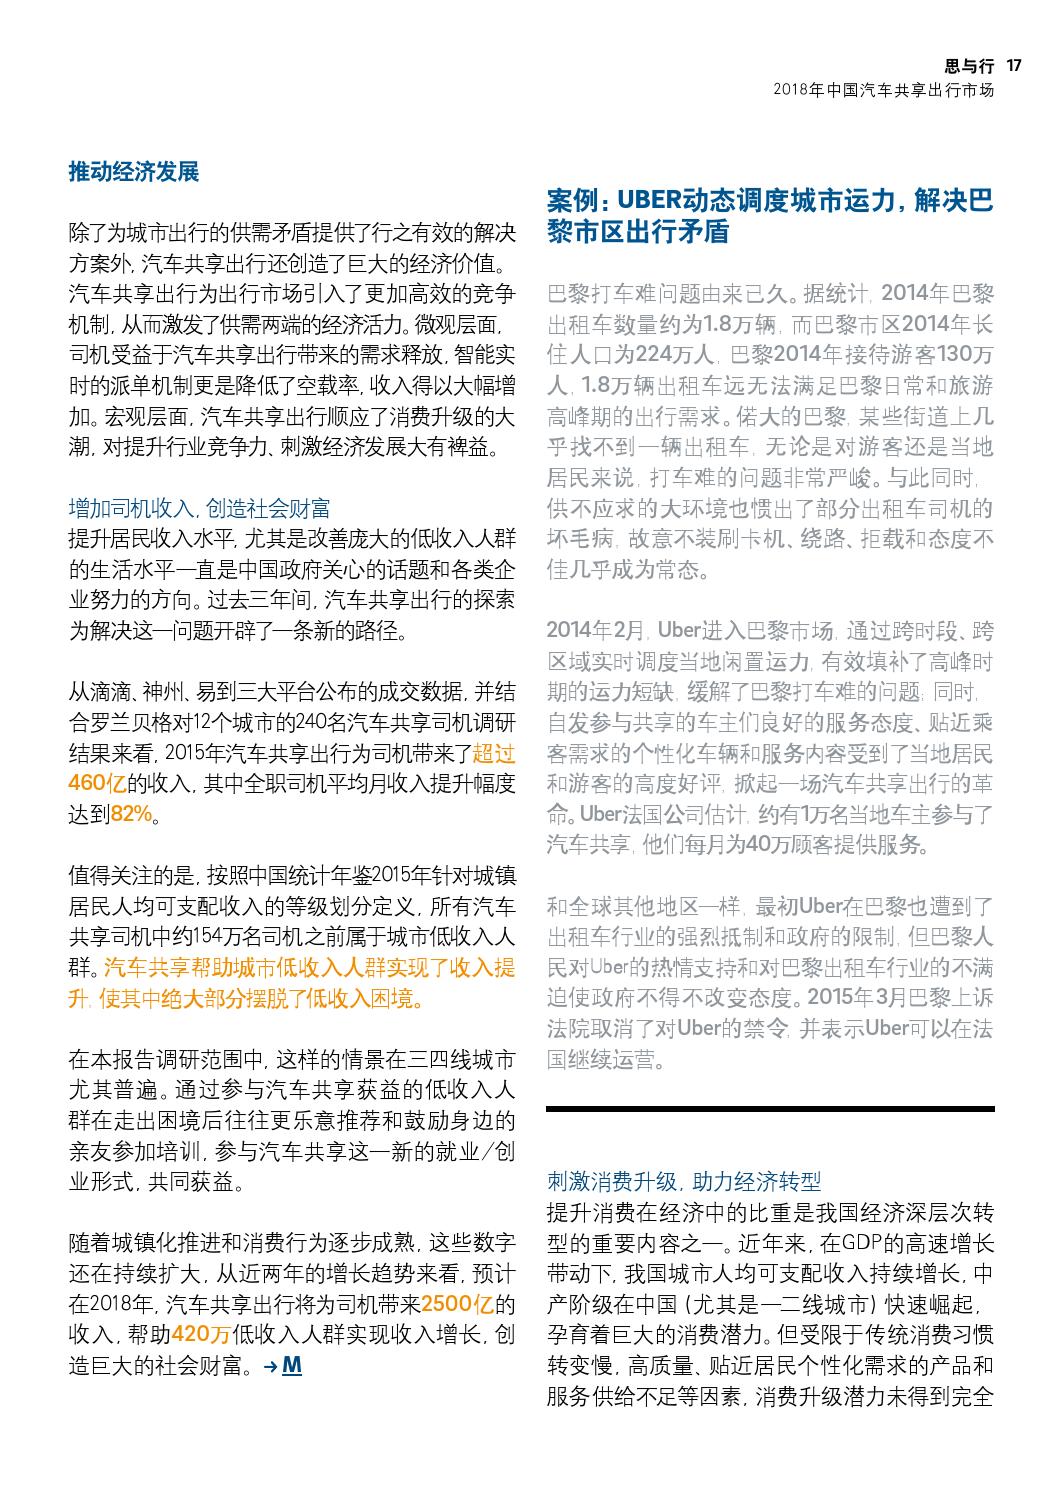 2018年中国汽车共享出行市场分析预测报告_000017